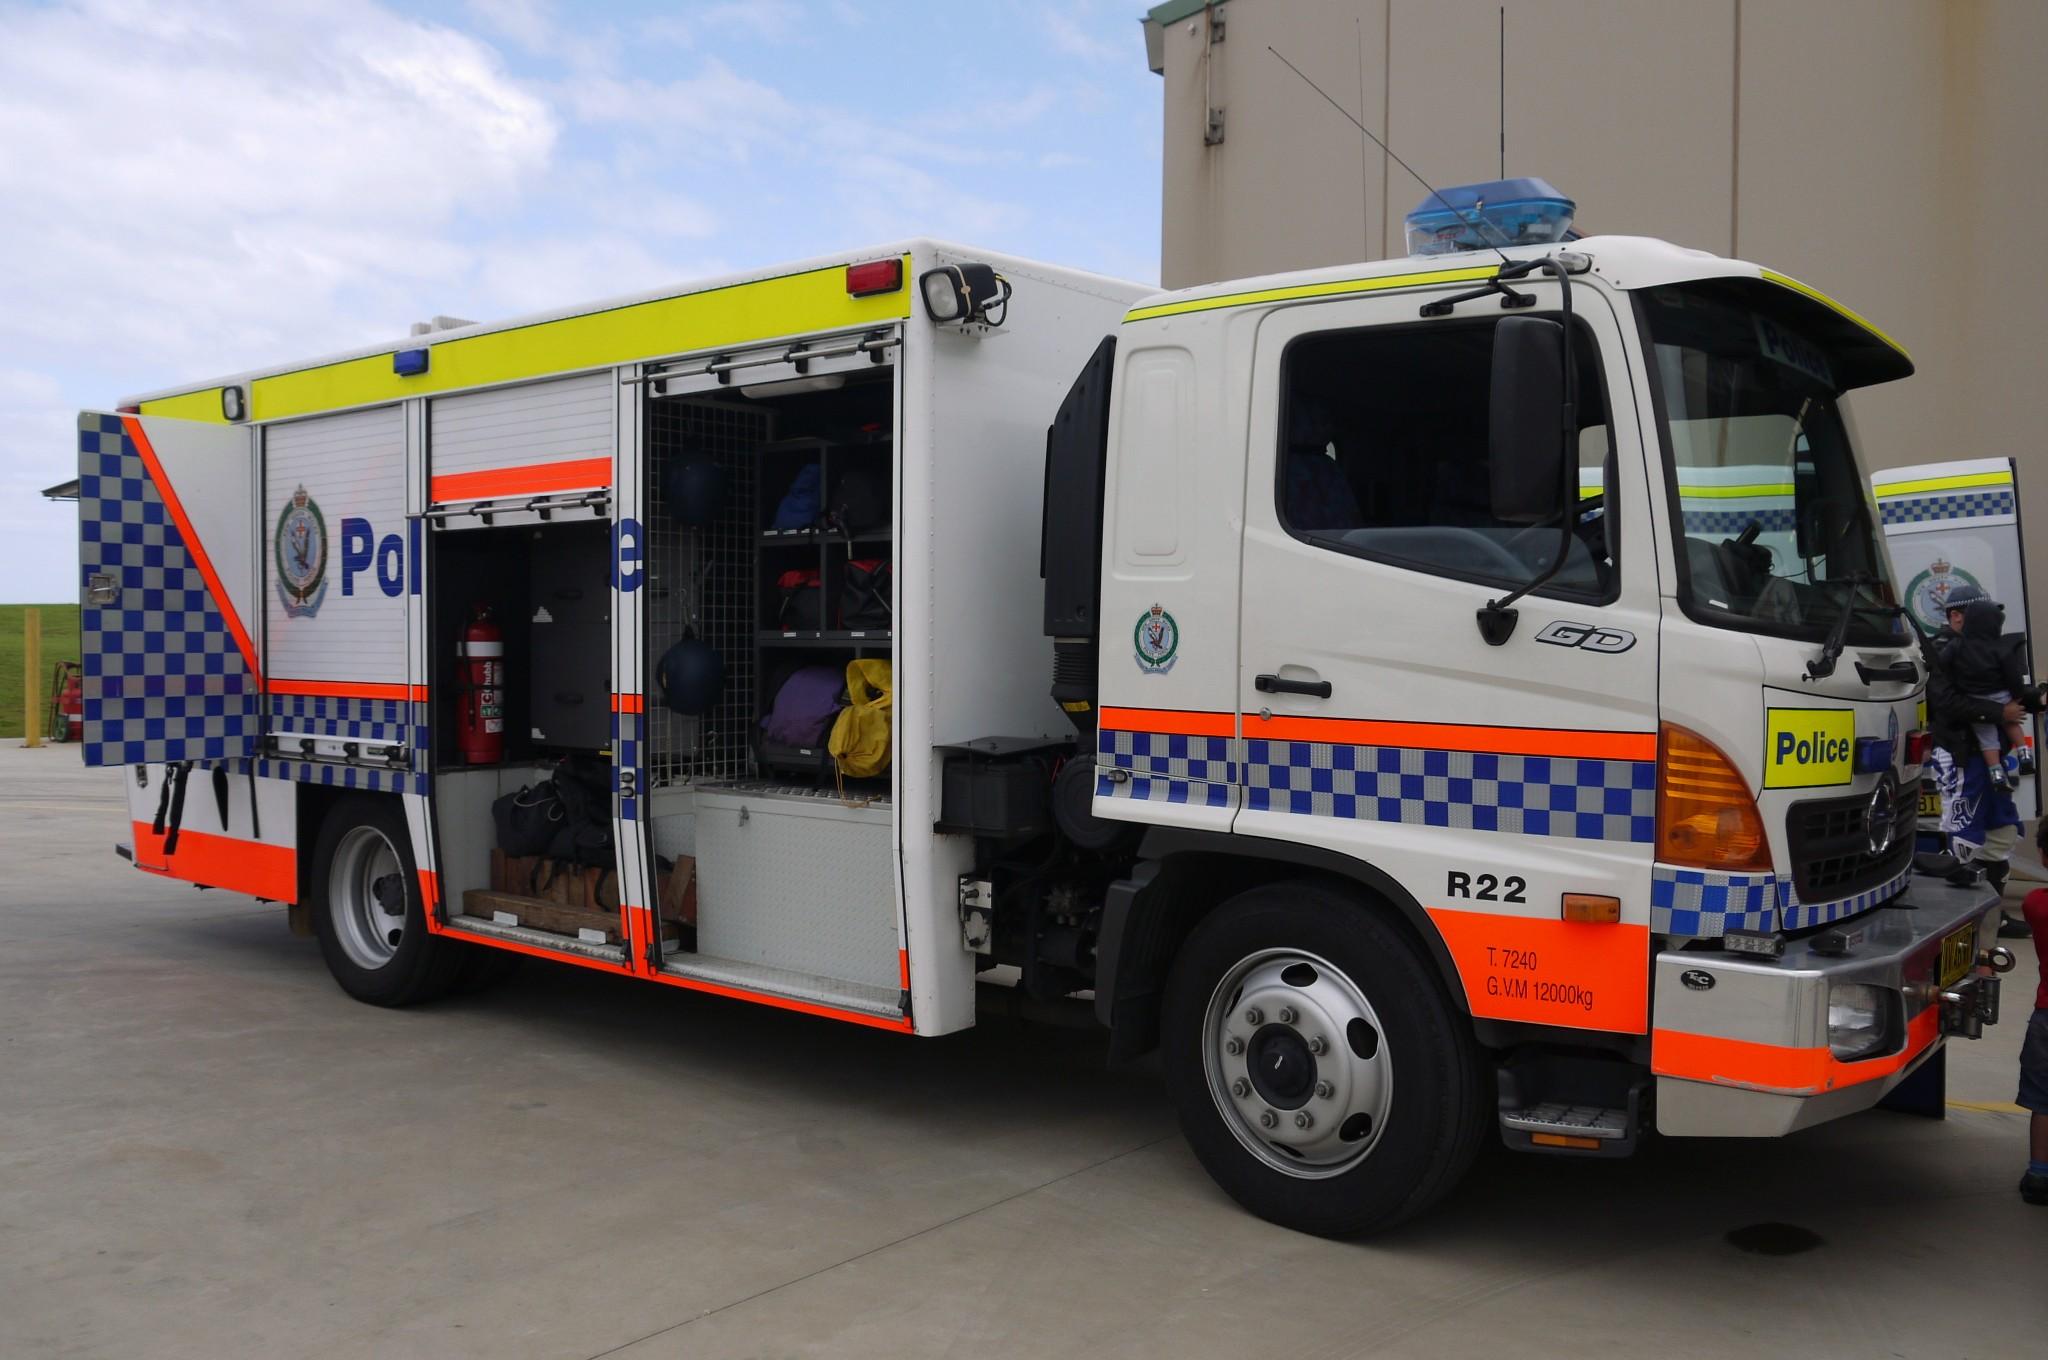 File:NSWPF Poilce Rescue and Bomb Disposal Unit Hino Rescue